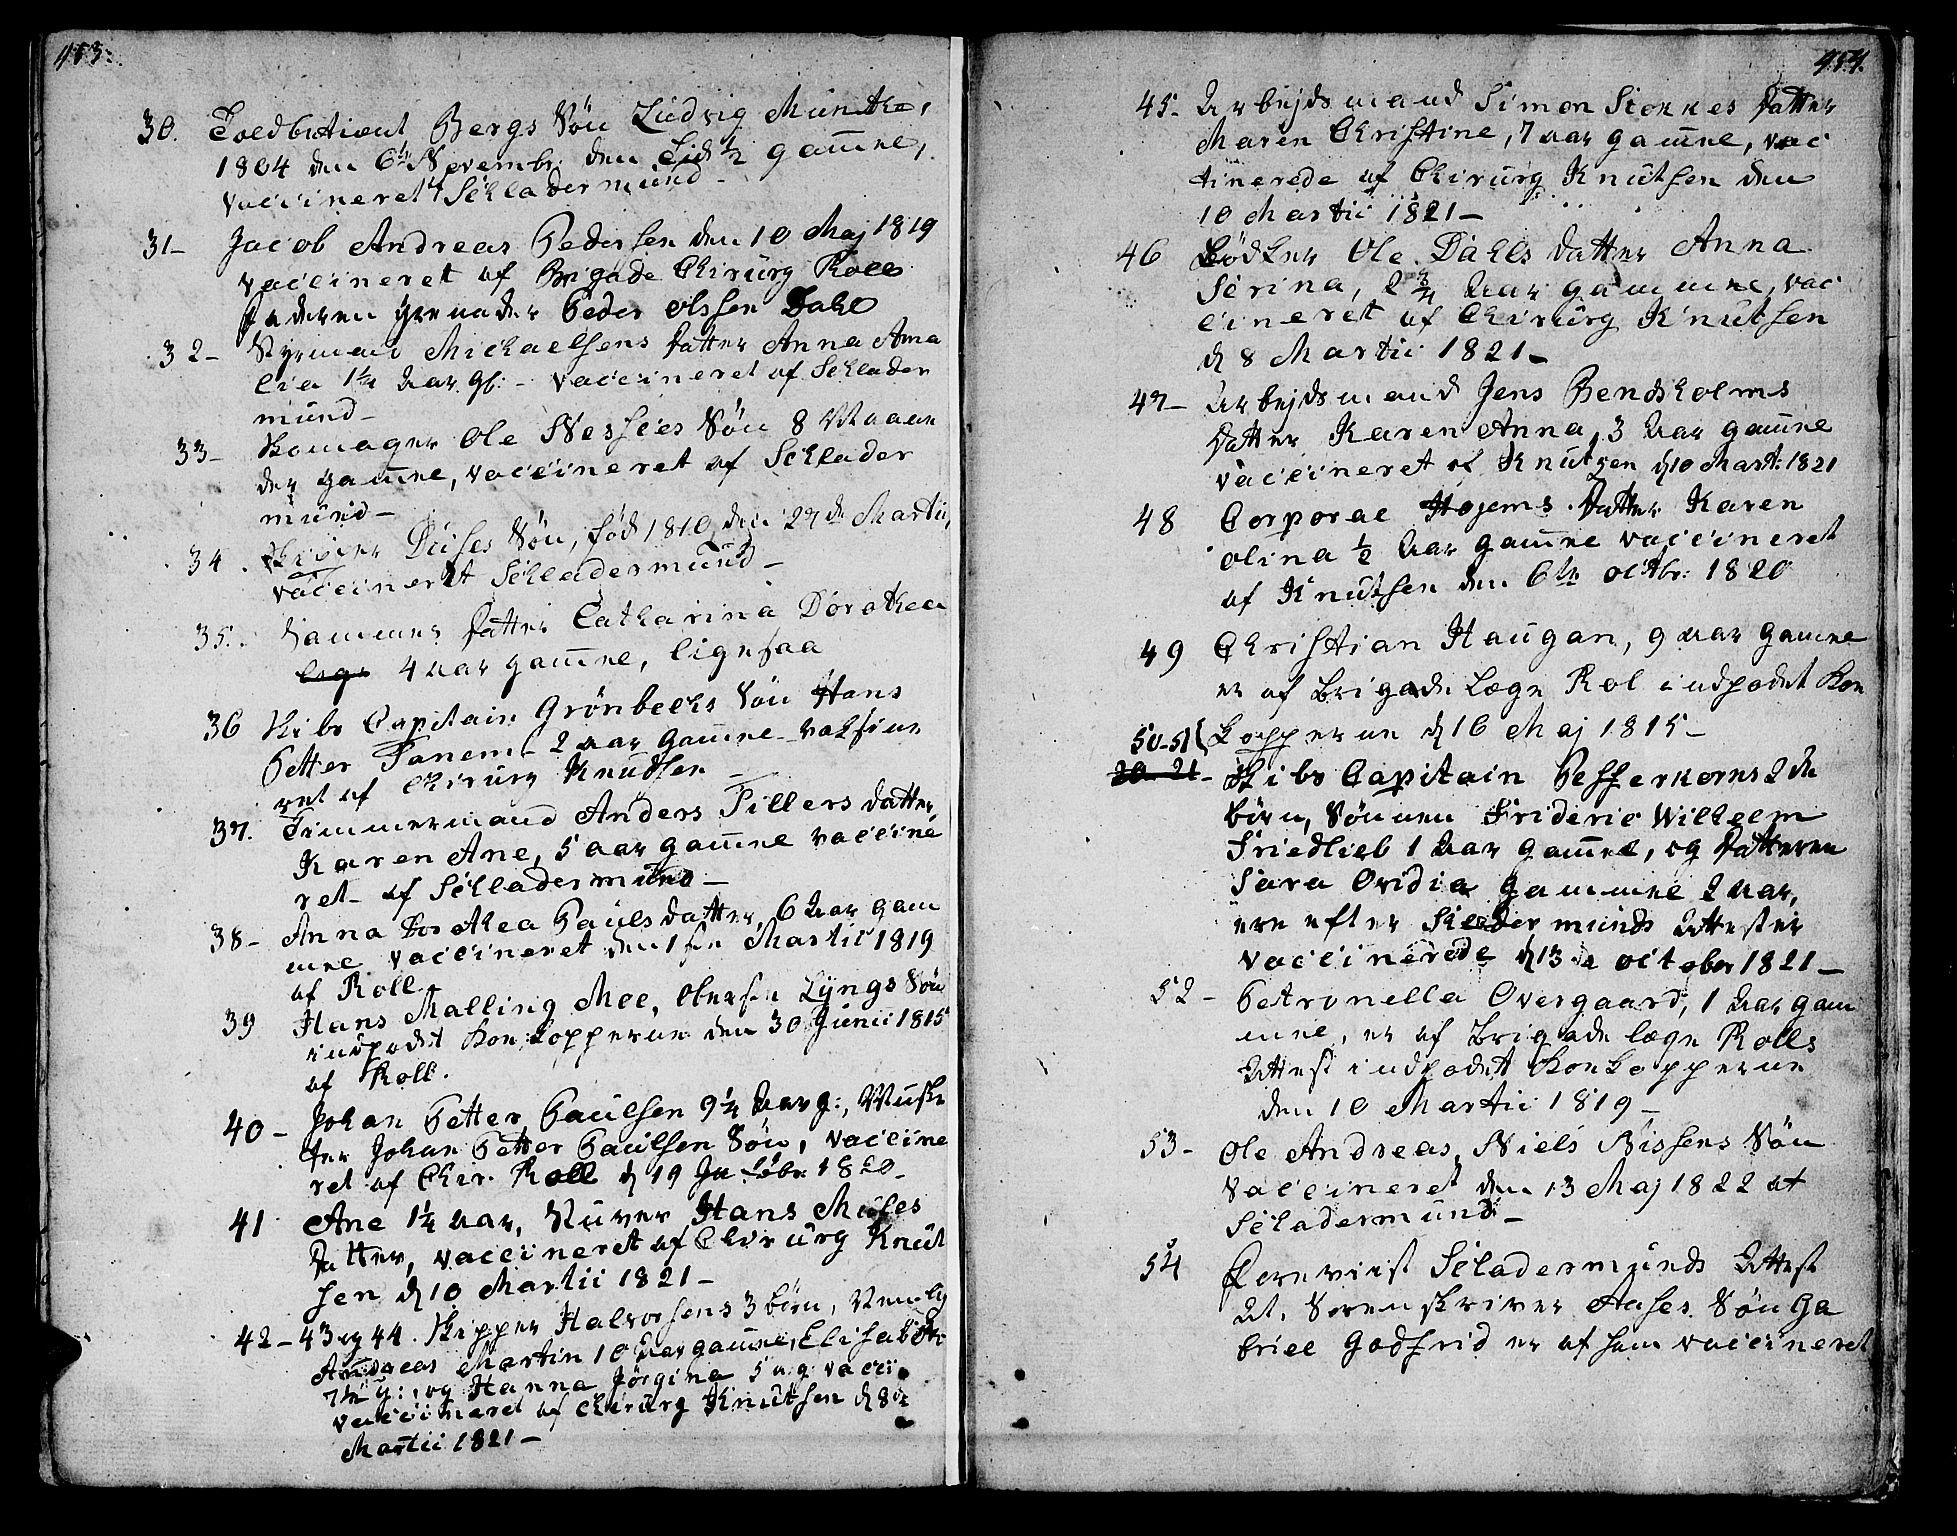 SAT, Ministerialprotokoller, klokkerbøker og fødselsregistre - Sør-Trøndelag, 601/L0042: Ministerialbok nr. 601A10, 1802-1830, s. 453-454